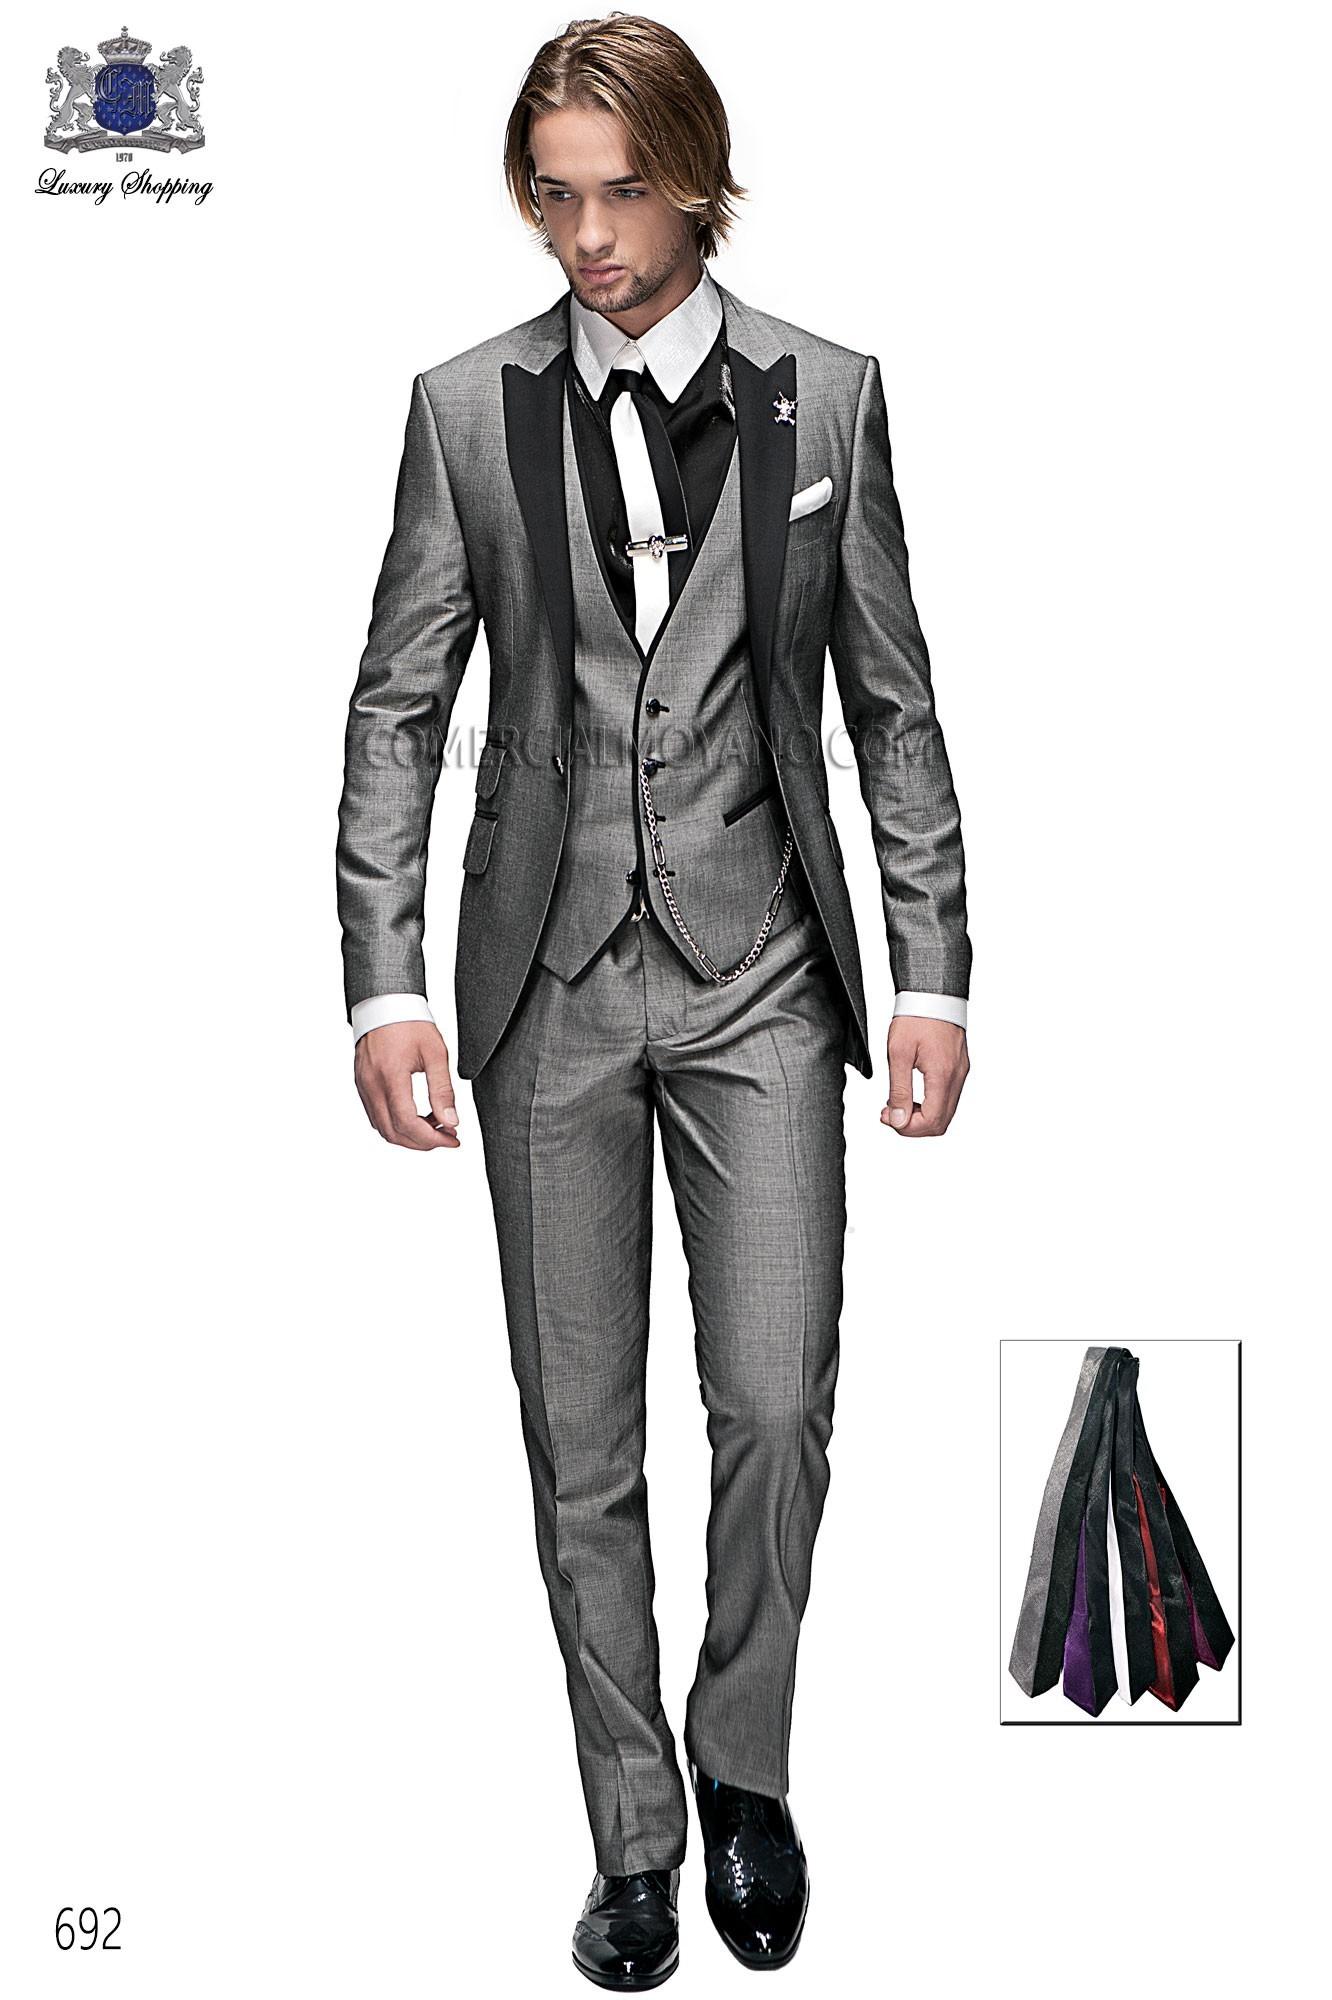 Traje de moda hombre gris modelo: 692 Ottavio Nuccio Gala colección Emotion